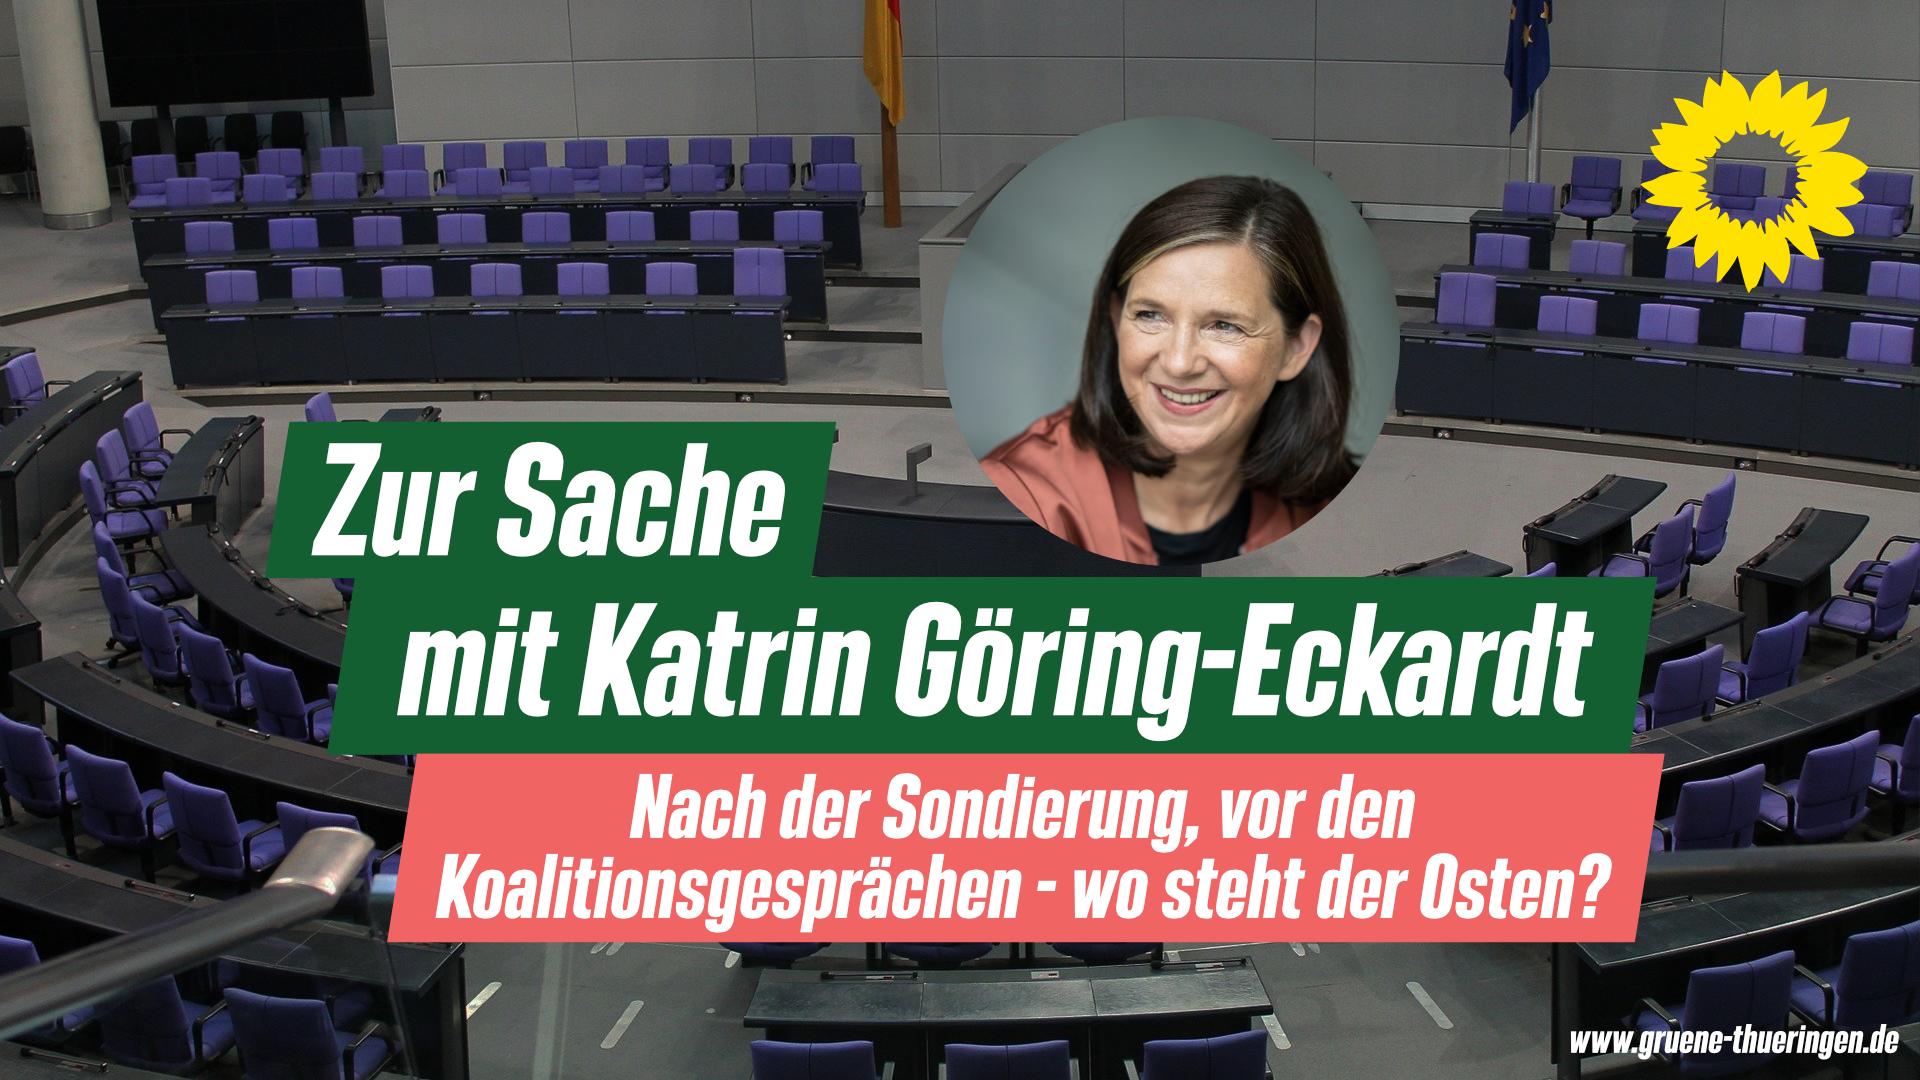 Zur Sache mit Katrin Göring-Eckardt